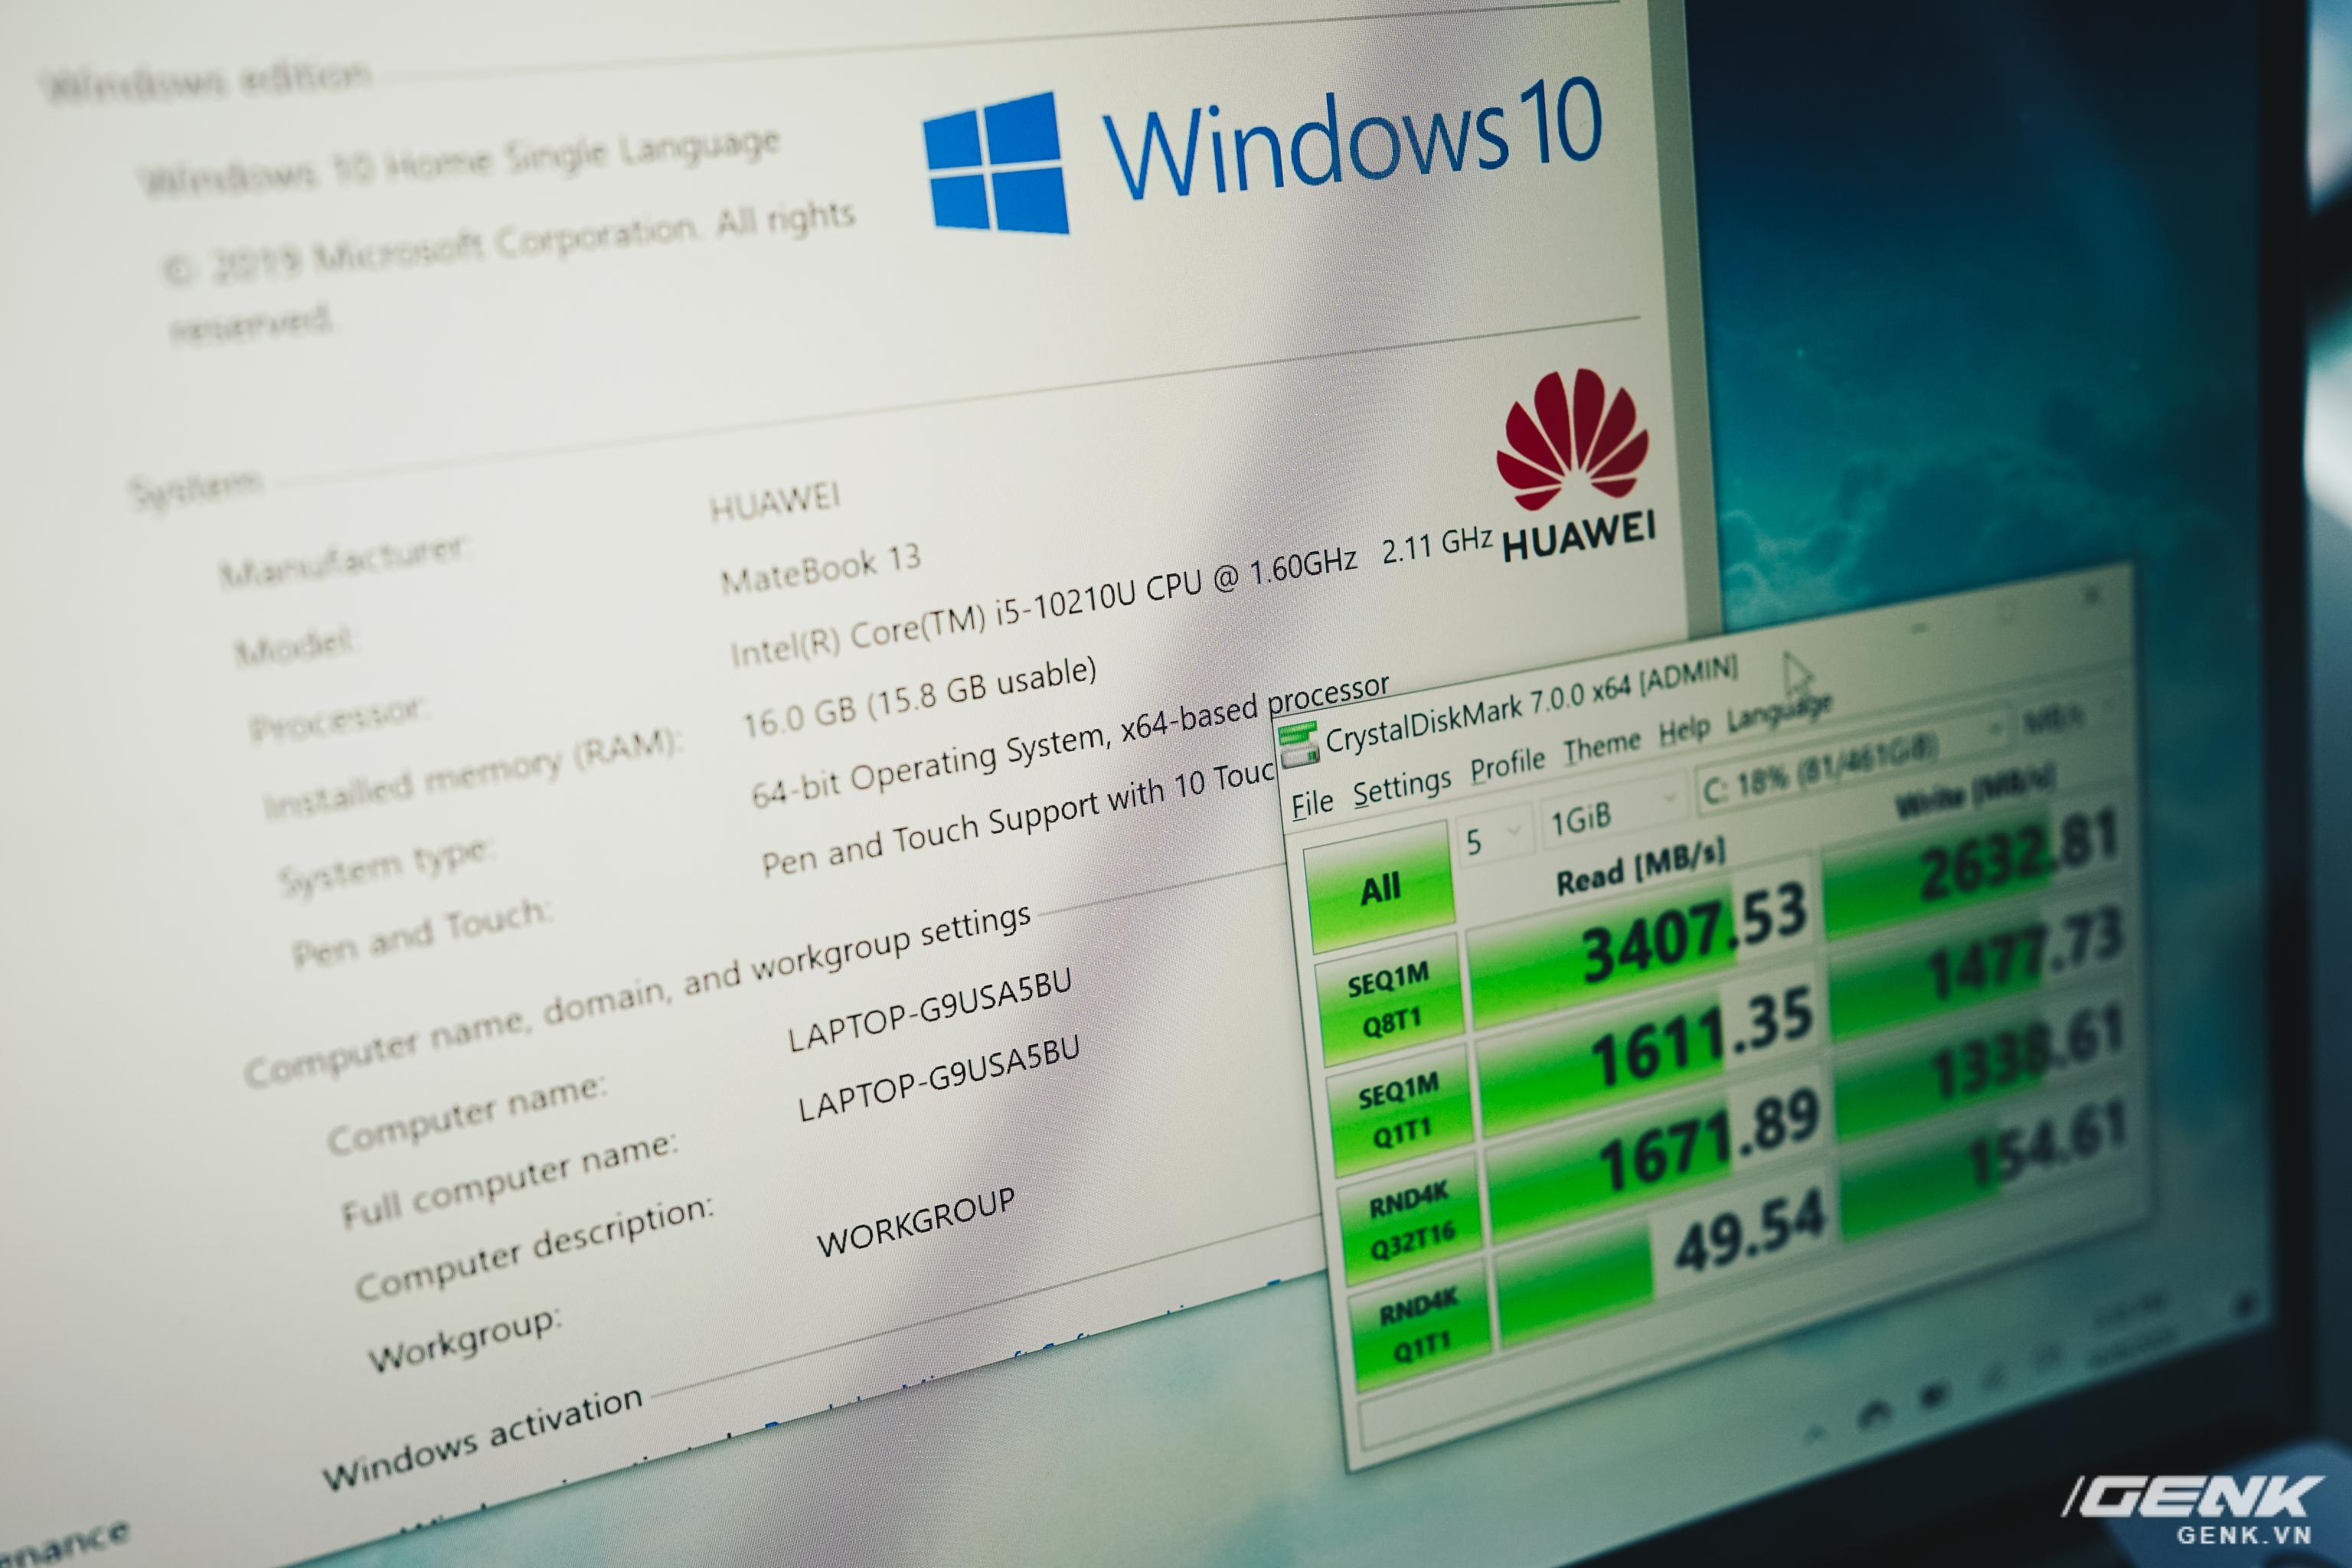 Đánh giá Huawei MateBook 13: Ultrabook tốt nếu người dùng chấp nhận vượt qua rào cản thương hiệu (và thời lượng pin tệ hại) - Ảnh 6.